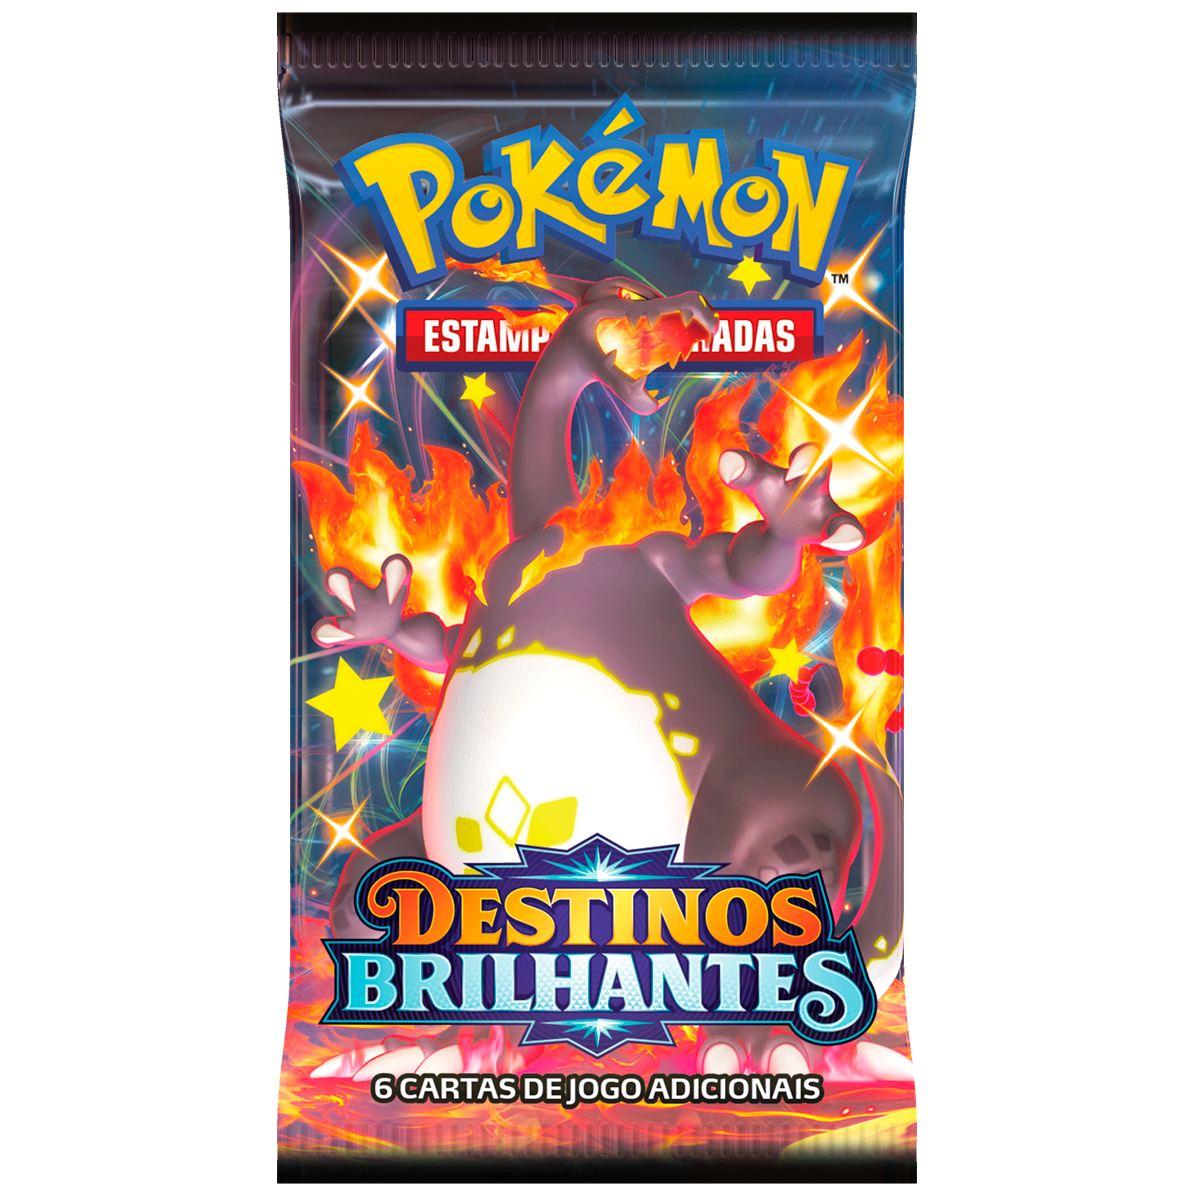 Box Pokémon Treinador Avançado Destinos Brilhantes - Elite Trainer